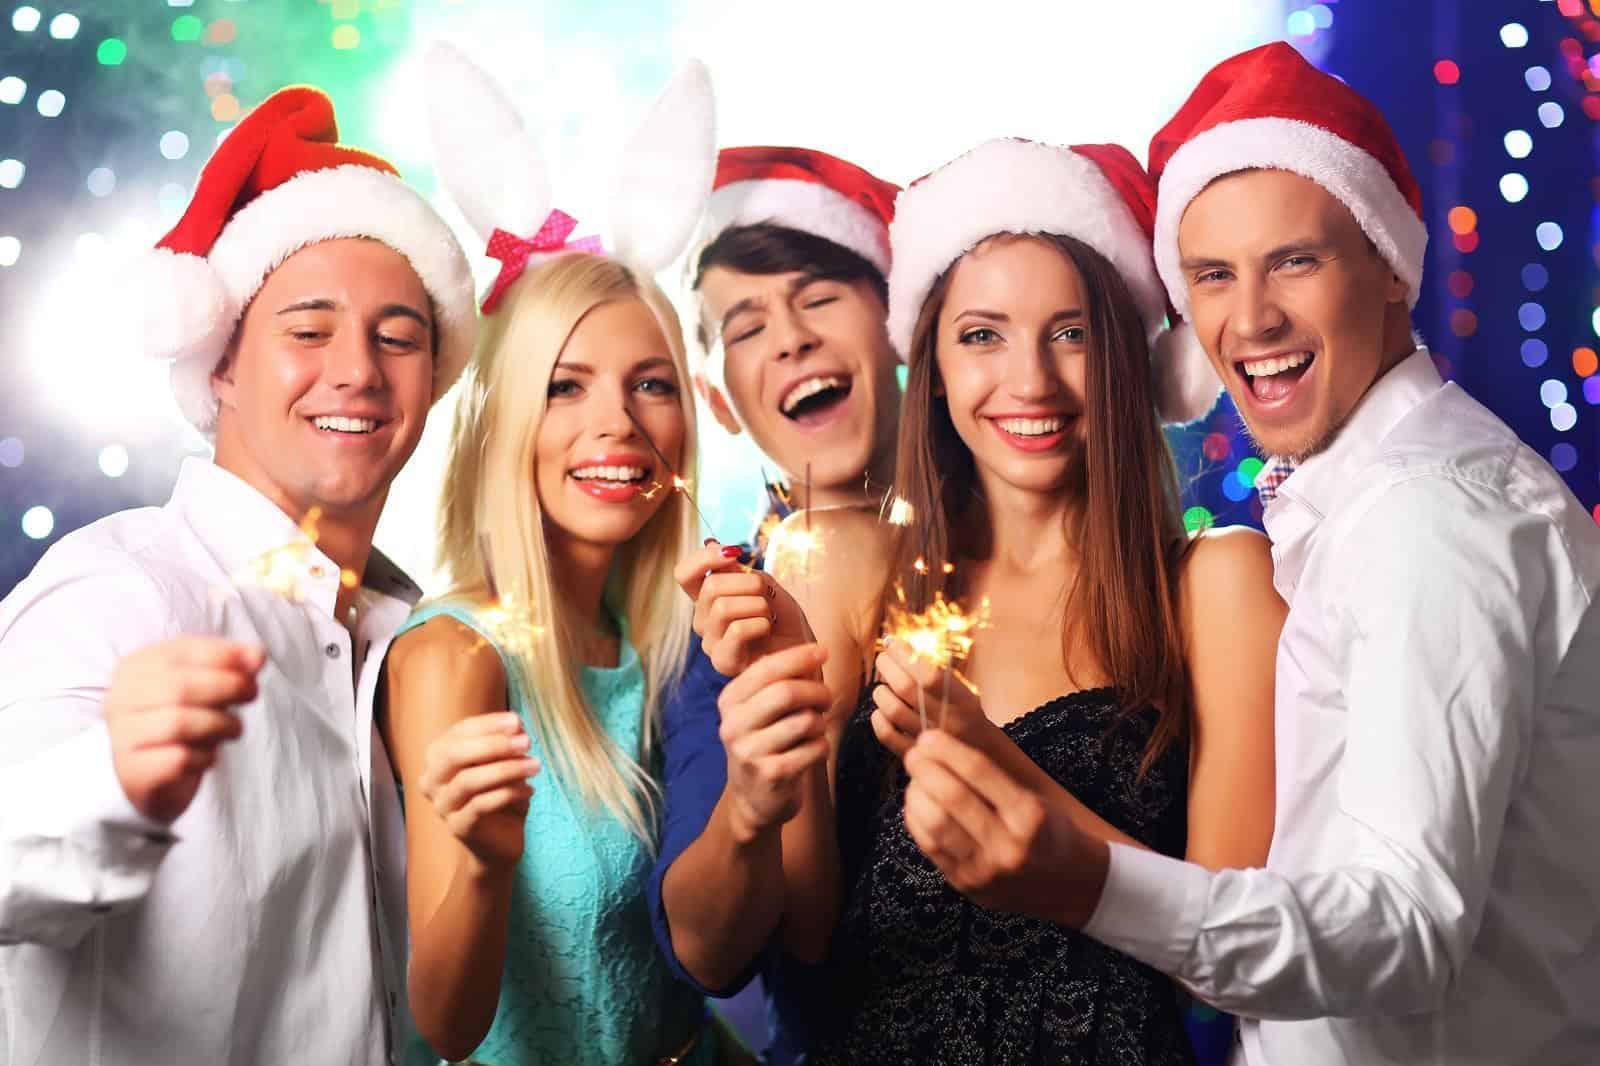 Hüttenzauber Weihnachtsfeier mit Schweizer Flair I b-ceed: events